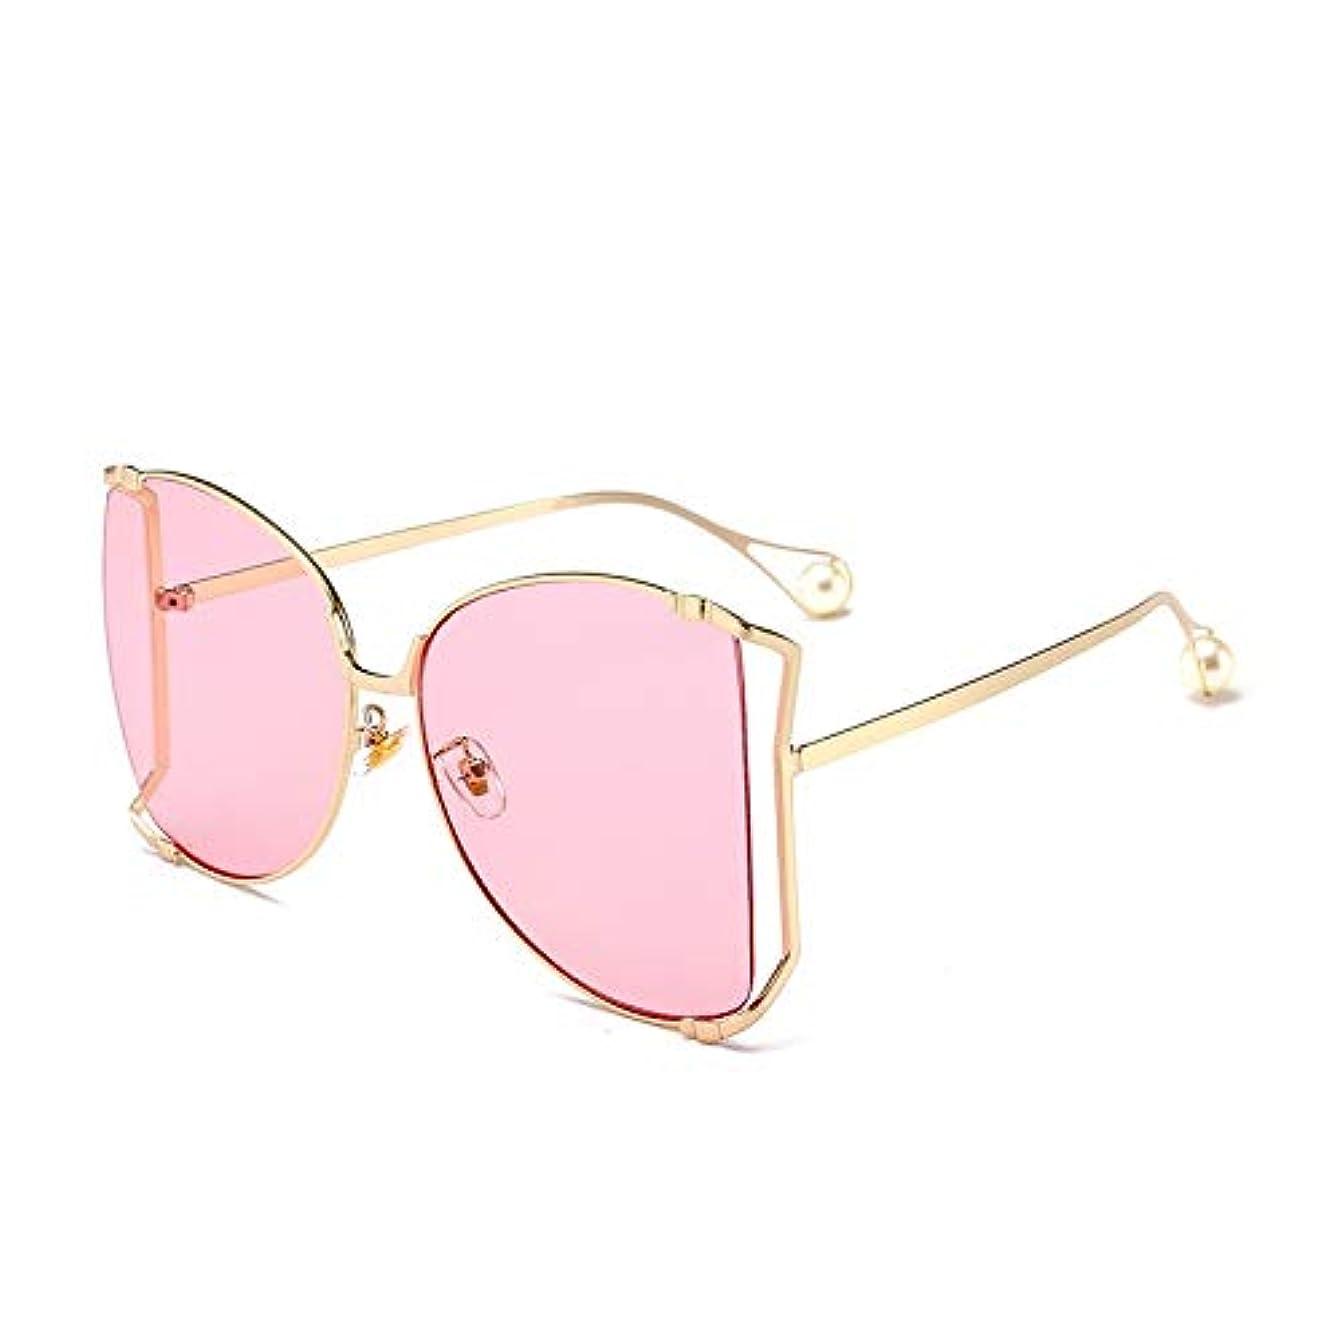 却下する罹患率広大なQ AI NI オーバーサイズフレームメタルサングラス複数色オプションのレトロサングラス 毎日の旅行用サングラス (Color : Gold powder)